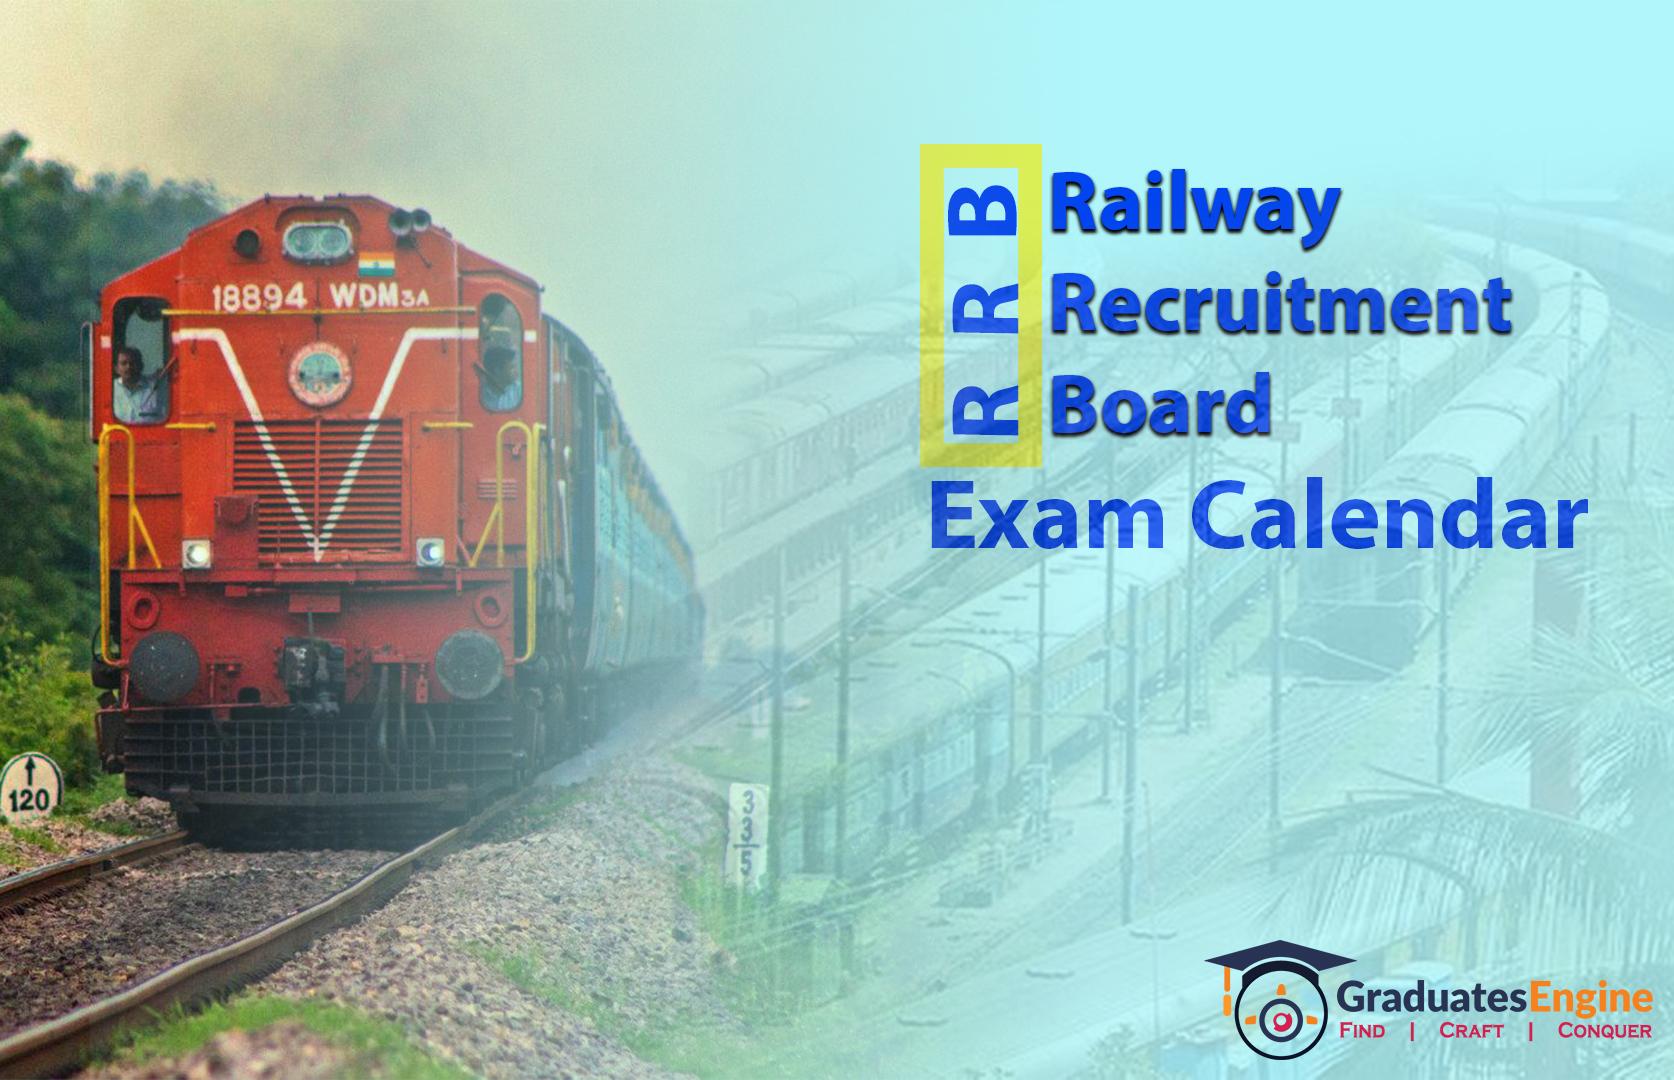 RRB Exam calendar